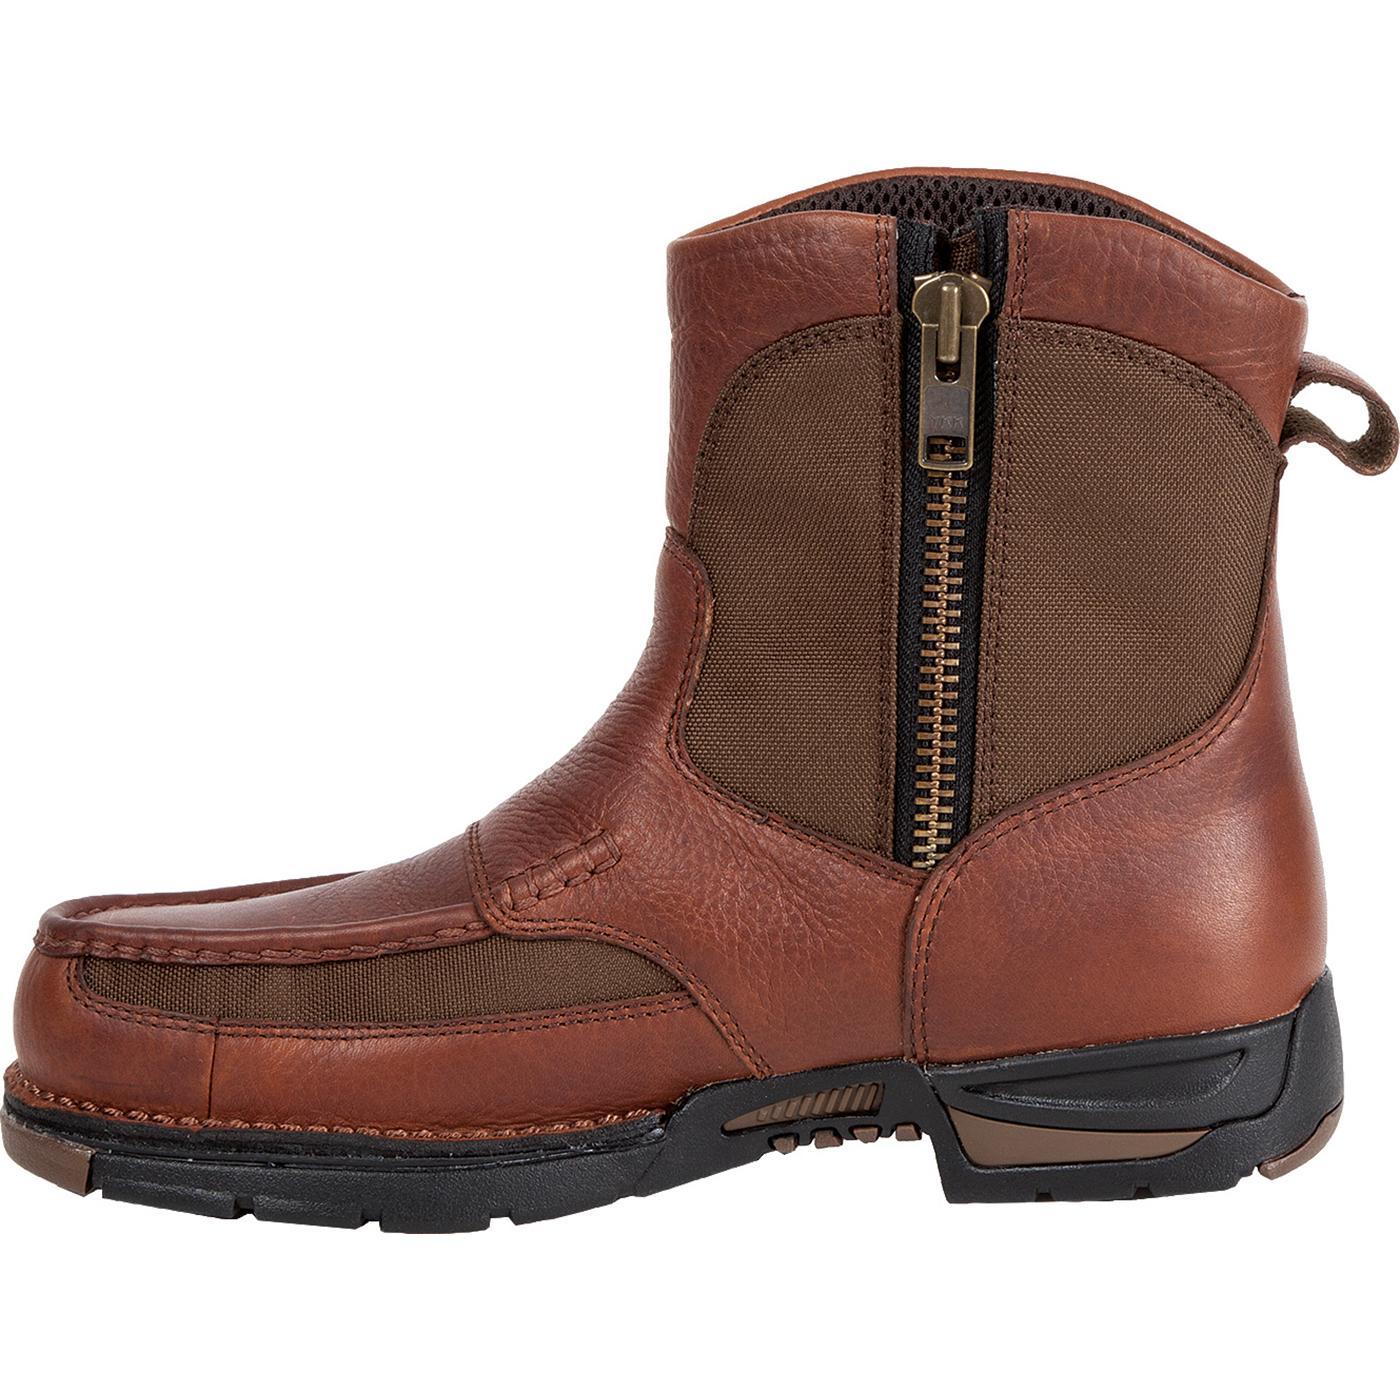 Dansko Work Shoes